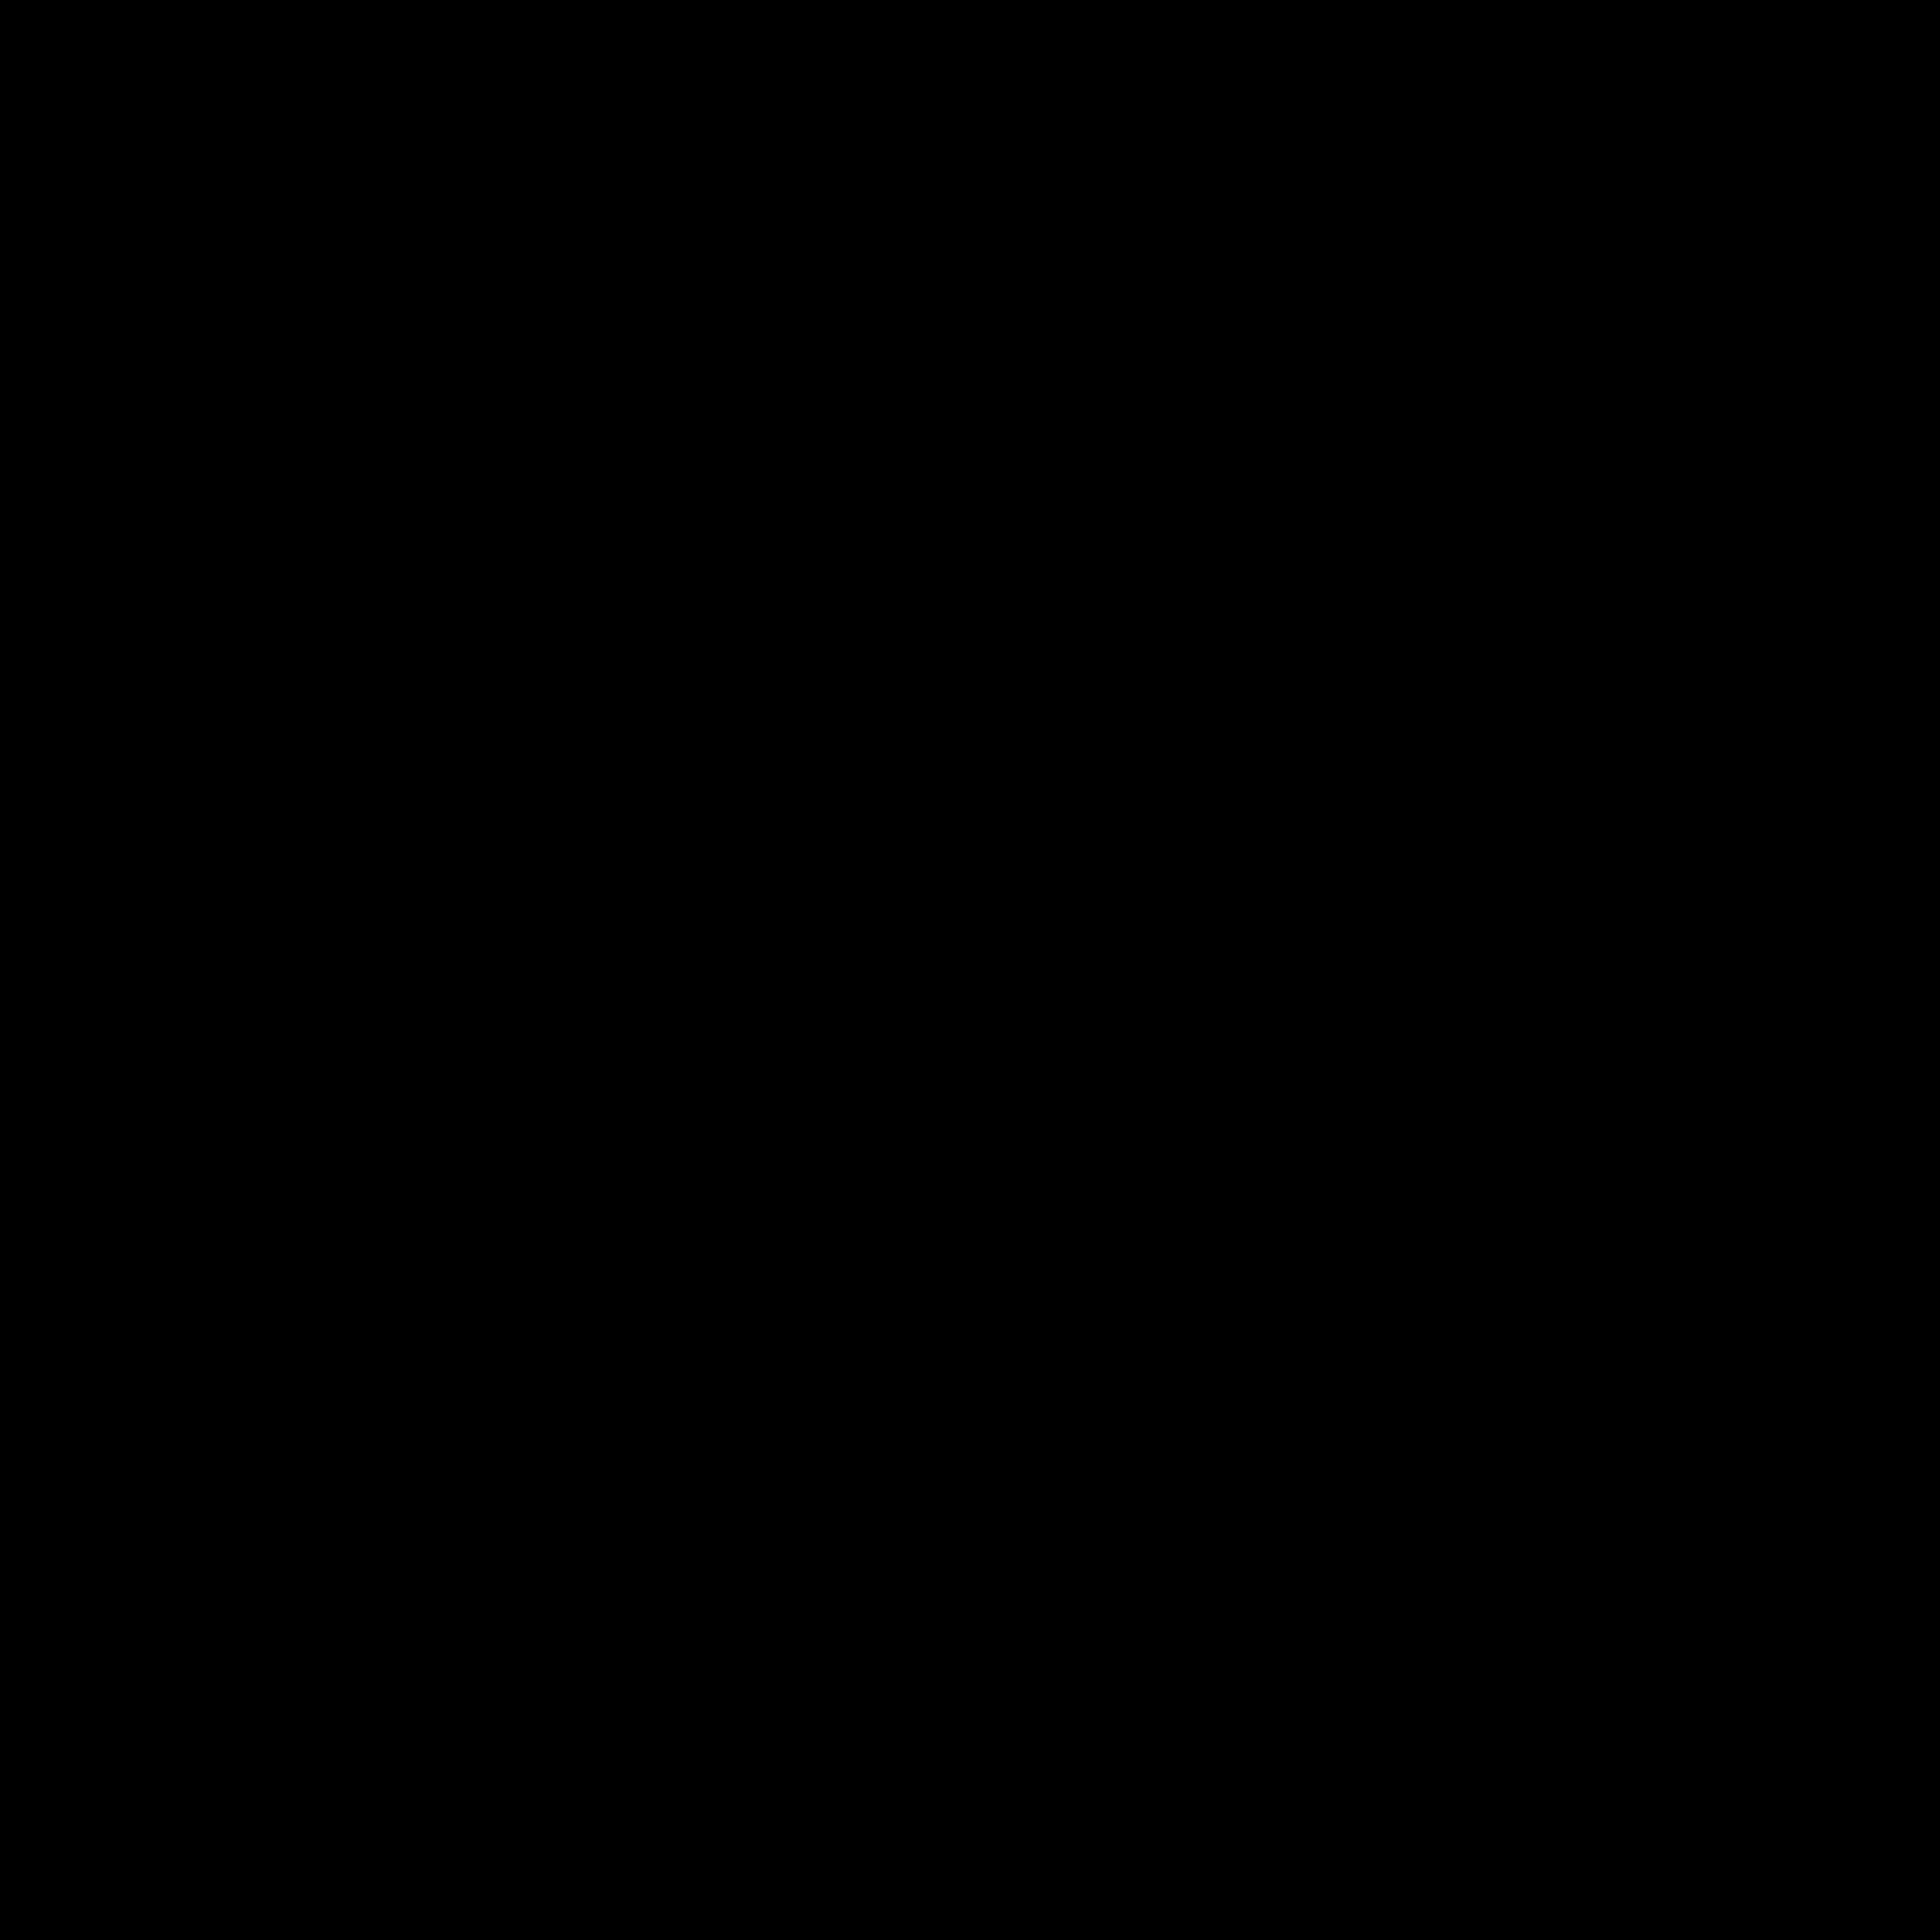 severines-eudes-03